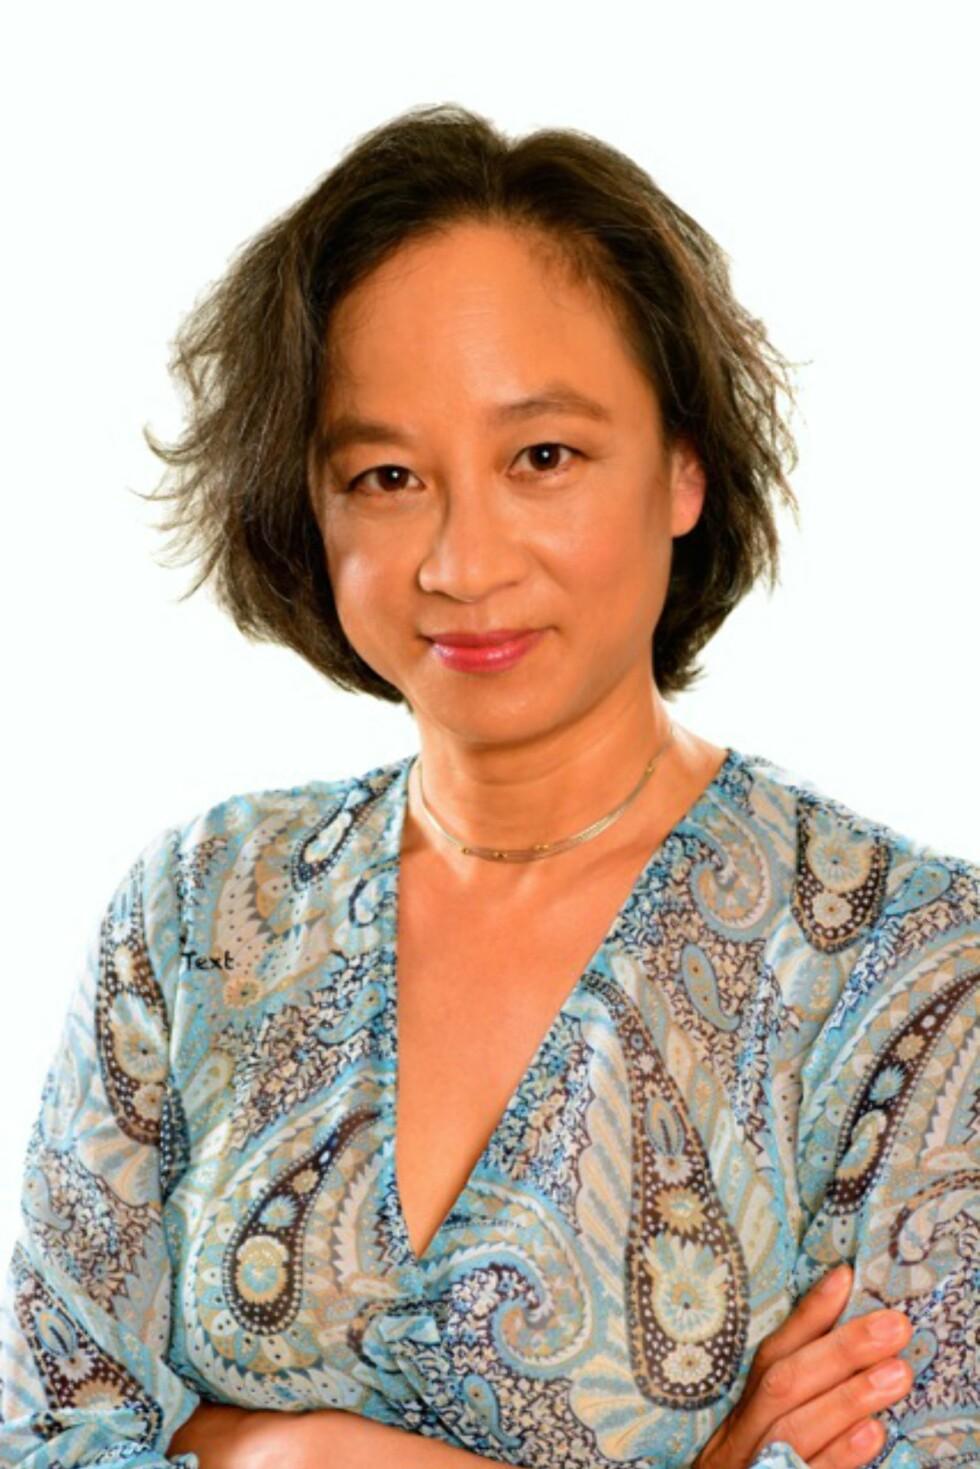 Kunstner Wendy Tsao skaper de søteste kosedyr. Foto: Ray Shum